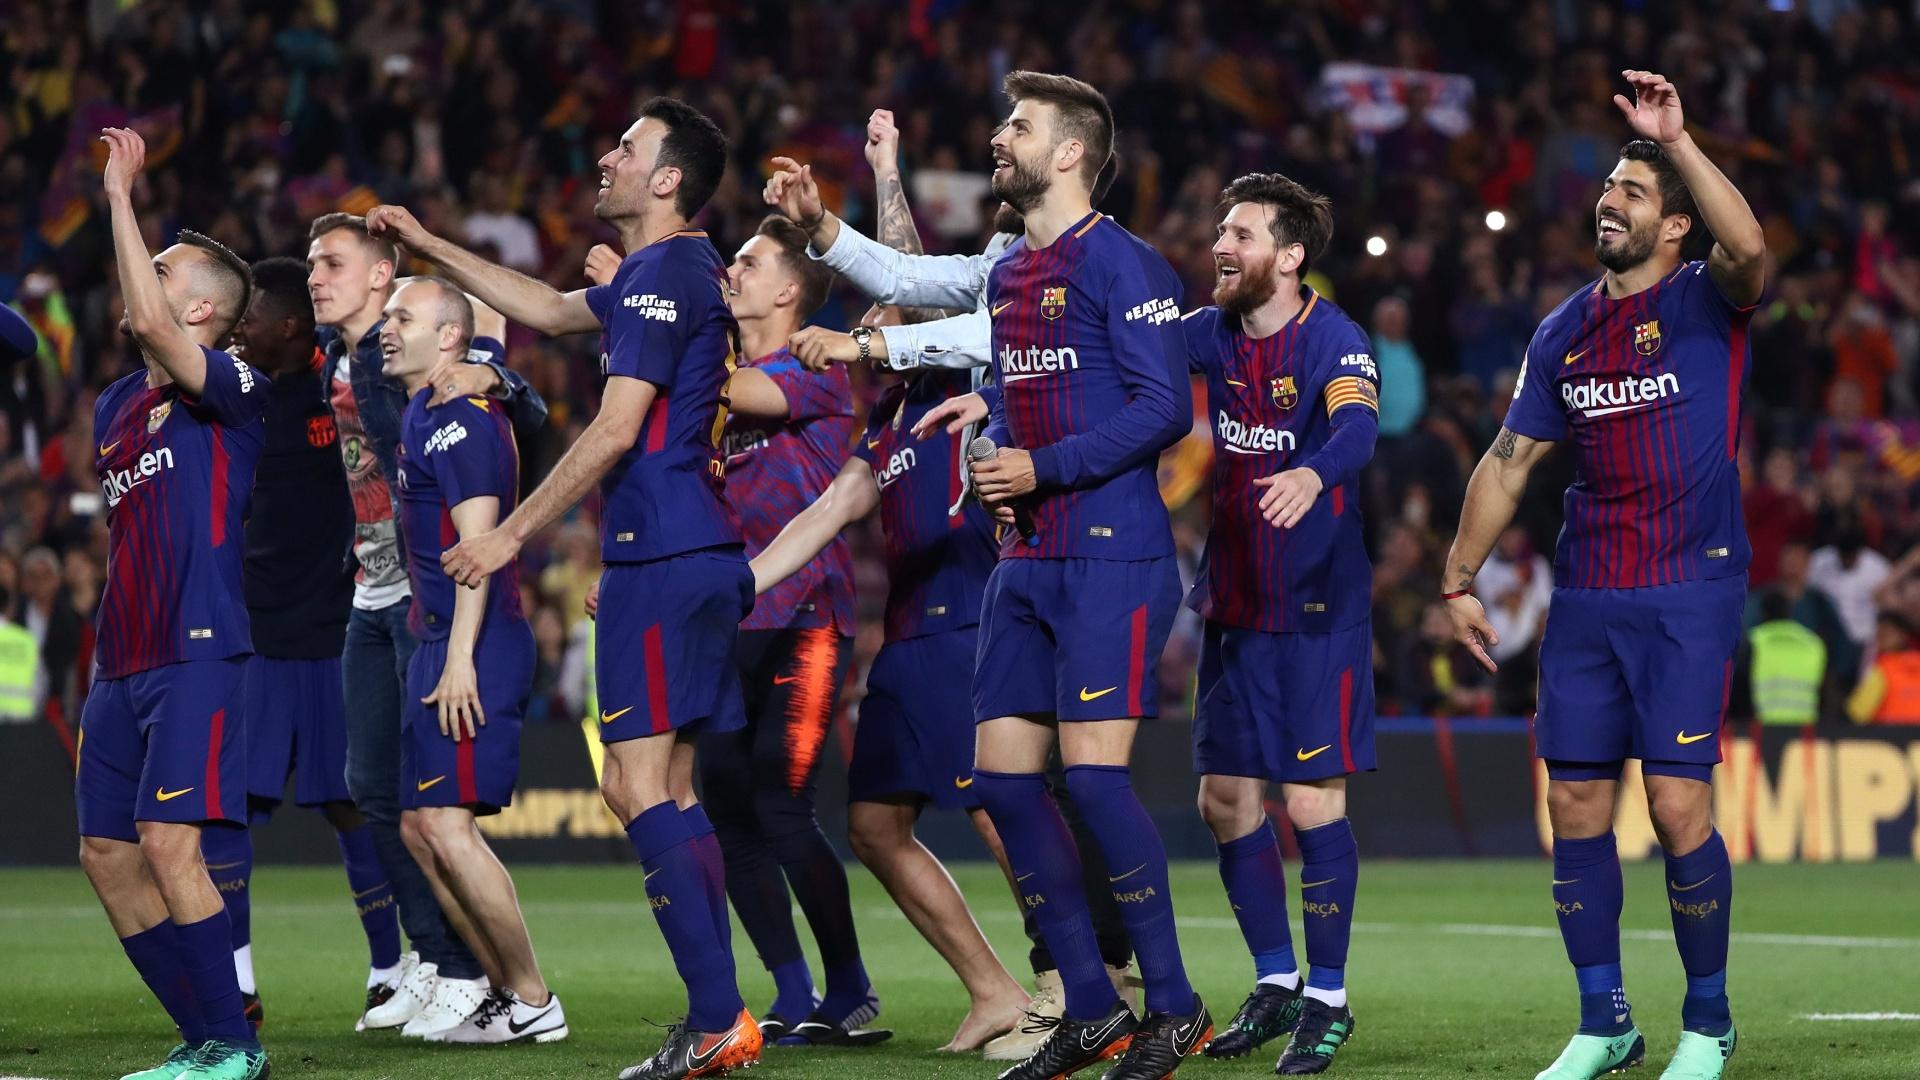 Piqué provocou o Real Madrid após empate no clássico deste domingo